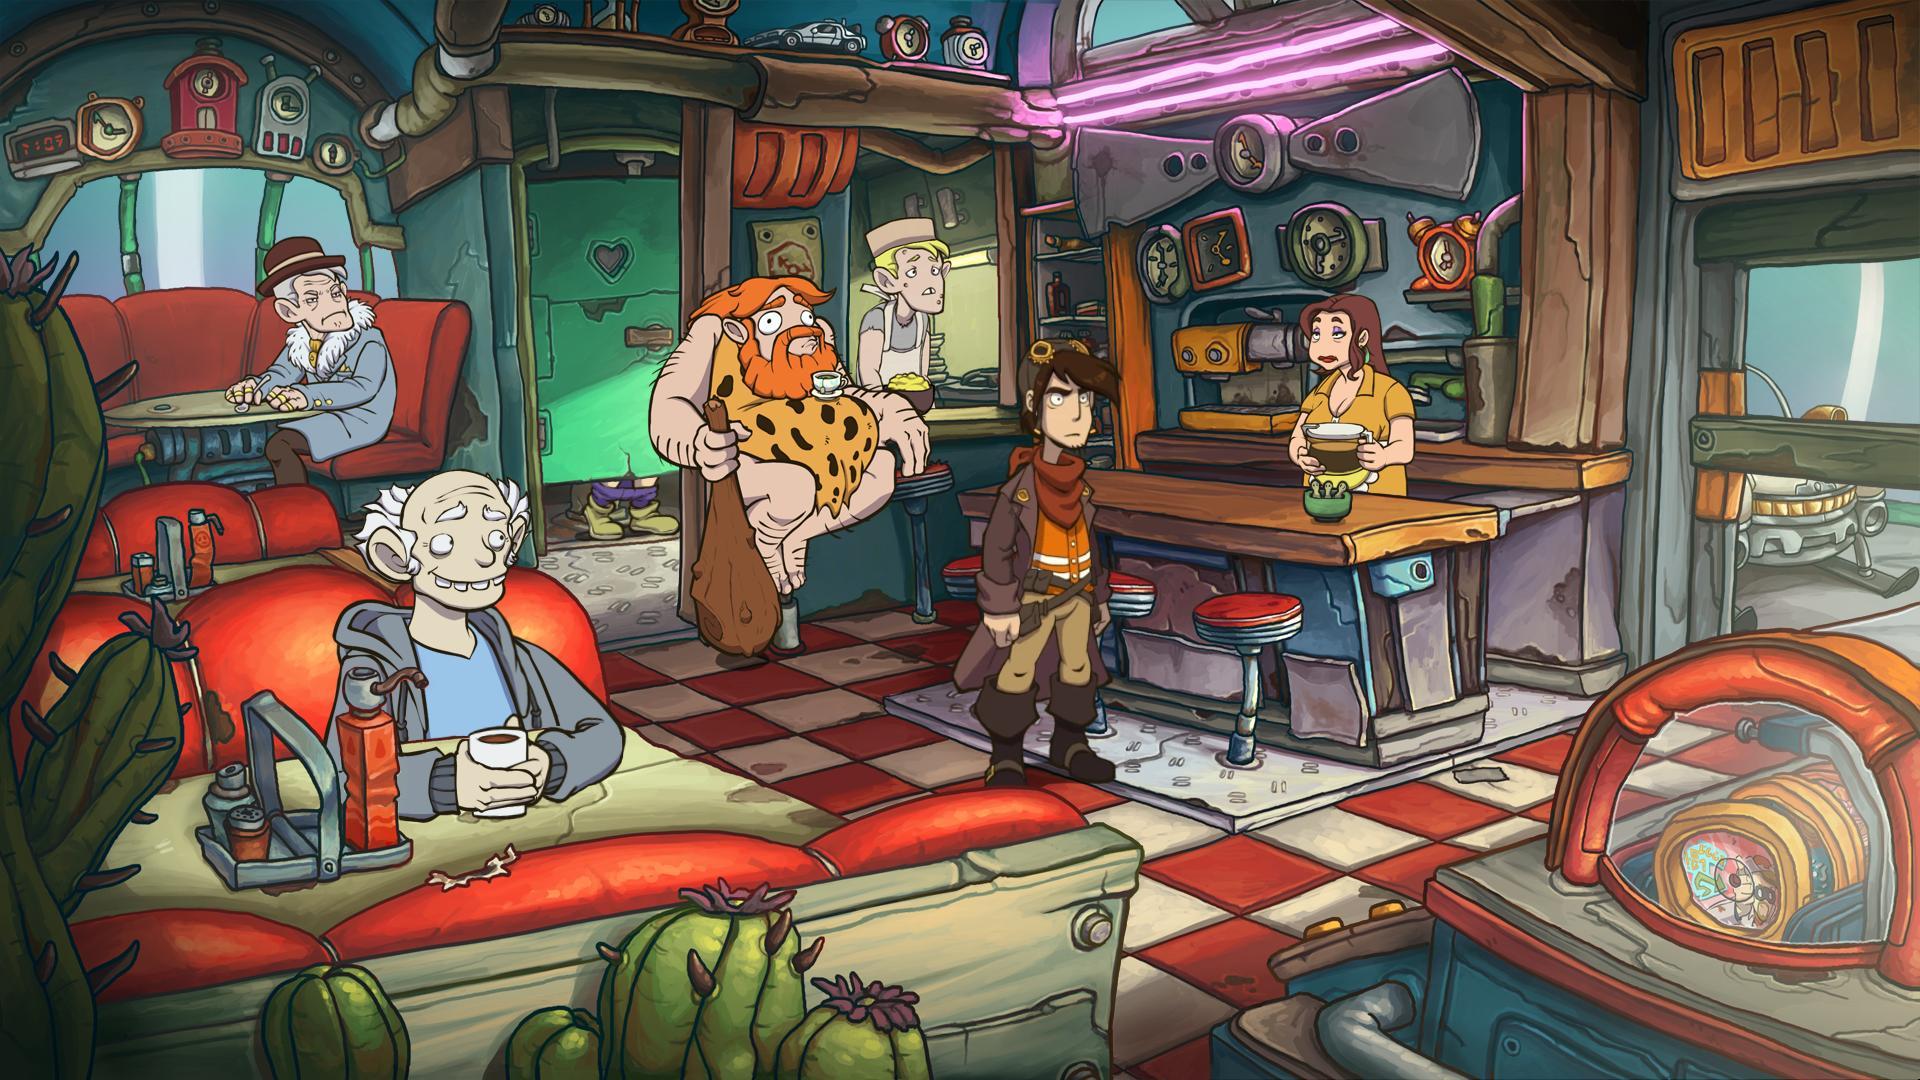 Screenshot: Der Hauptcharakter Rufus steht in einem Cafe im amerikanischen Stil. Neben anderen Gästen sitzt Im Hintergrund ein Steinzeitmensch mit einem Kaffee.